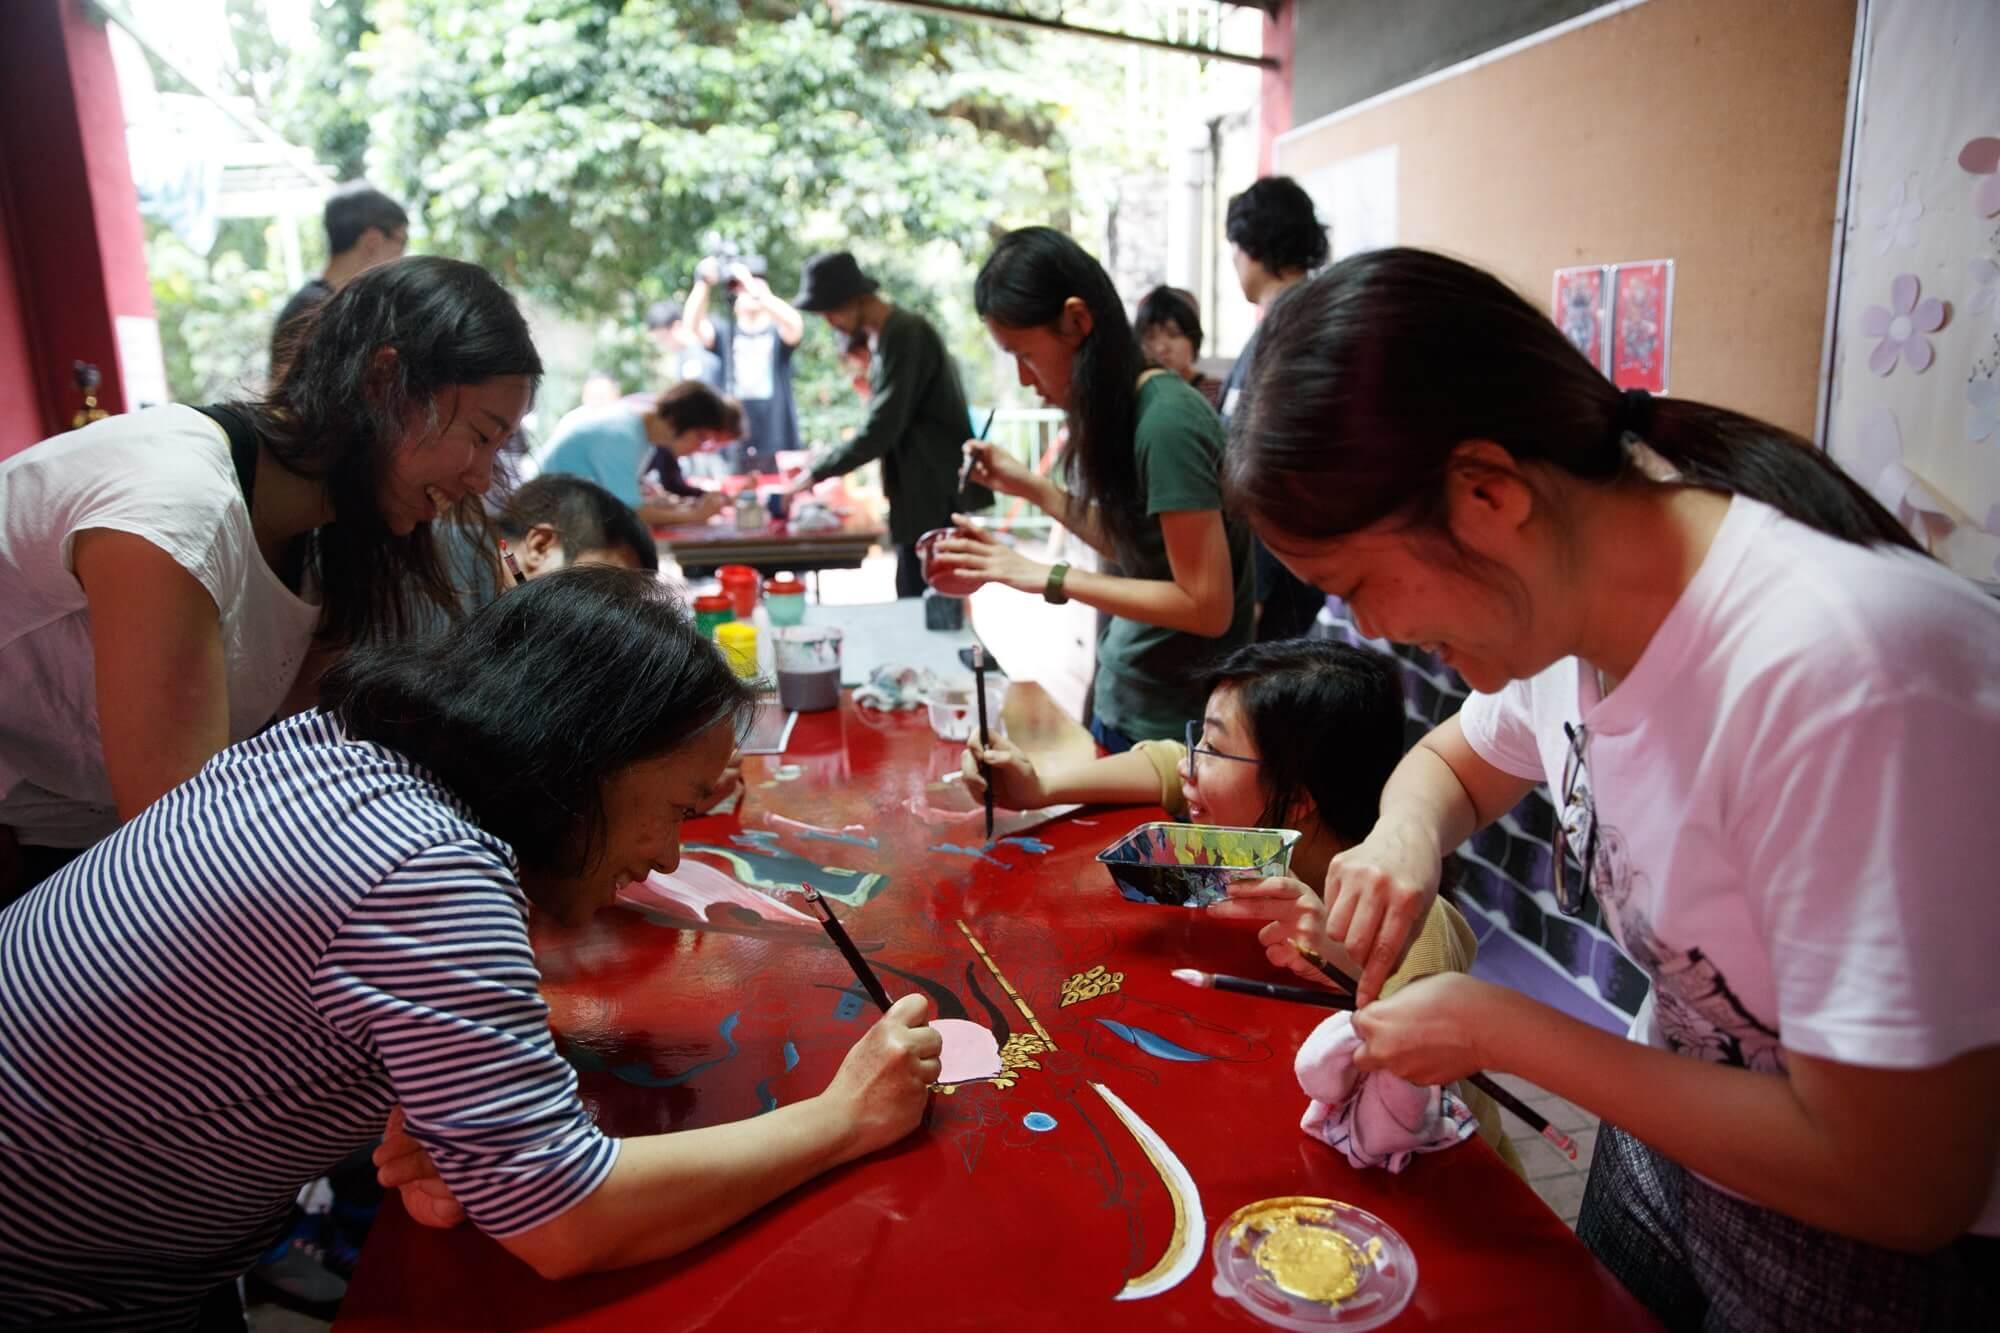 「隨匠師共藝」參與者向工匠學習傳統工藝